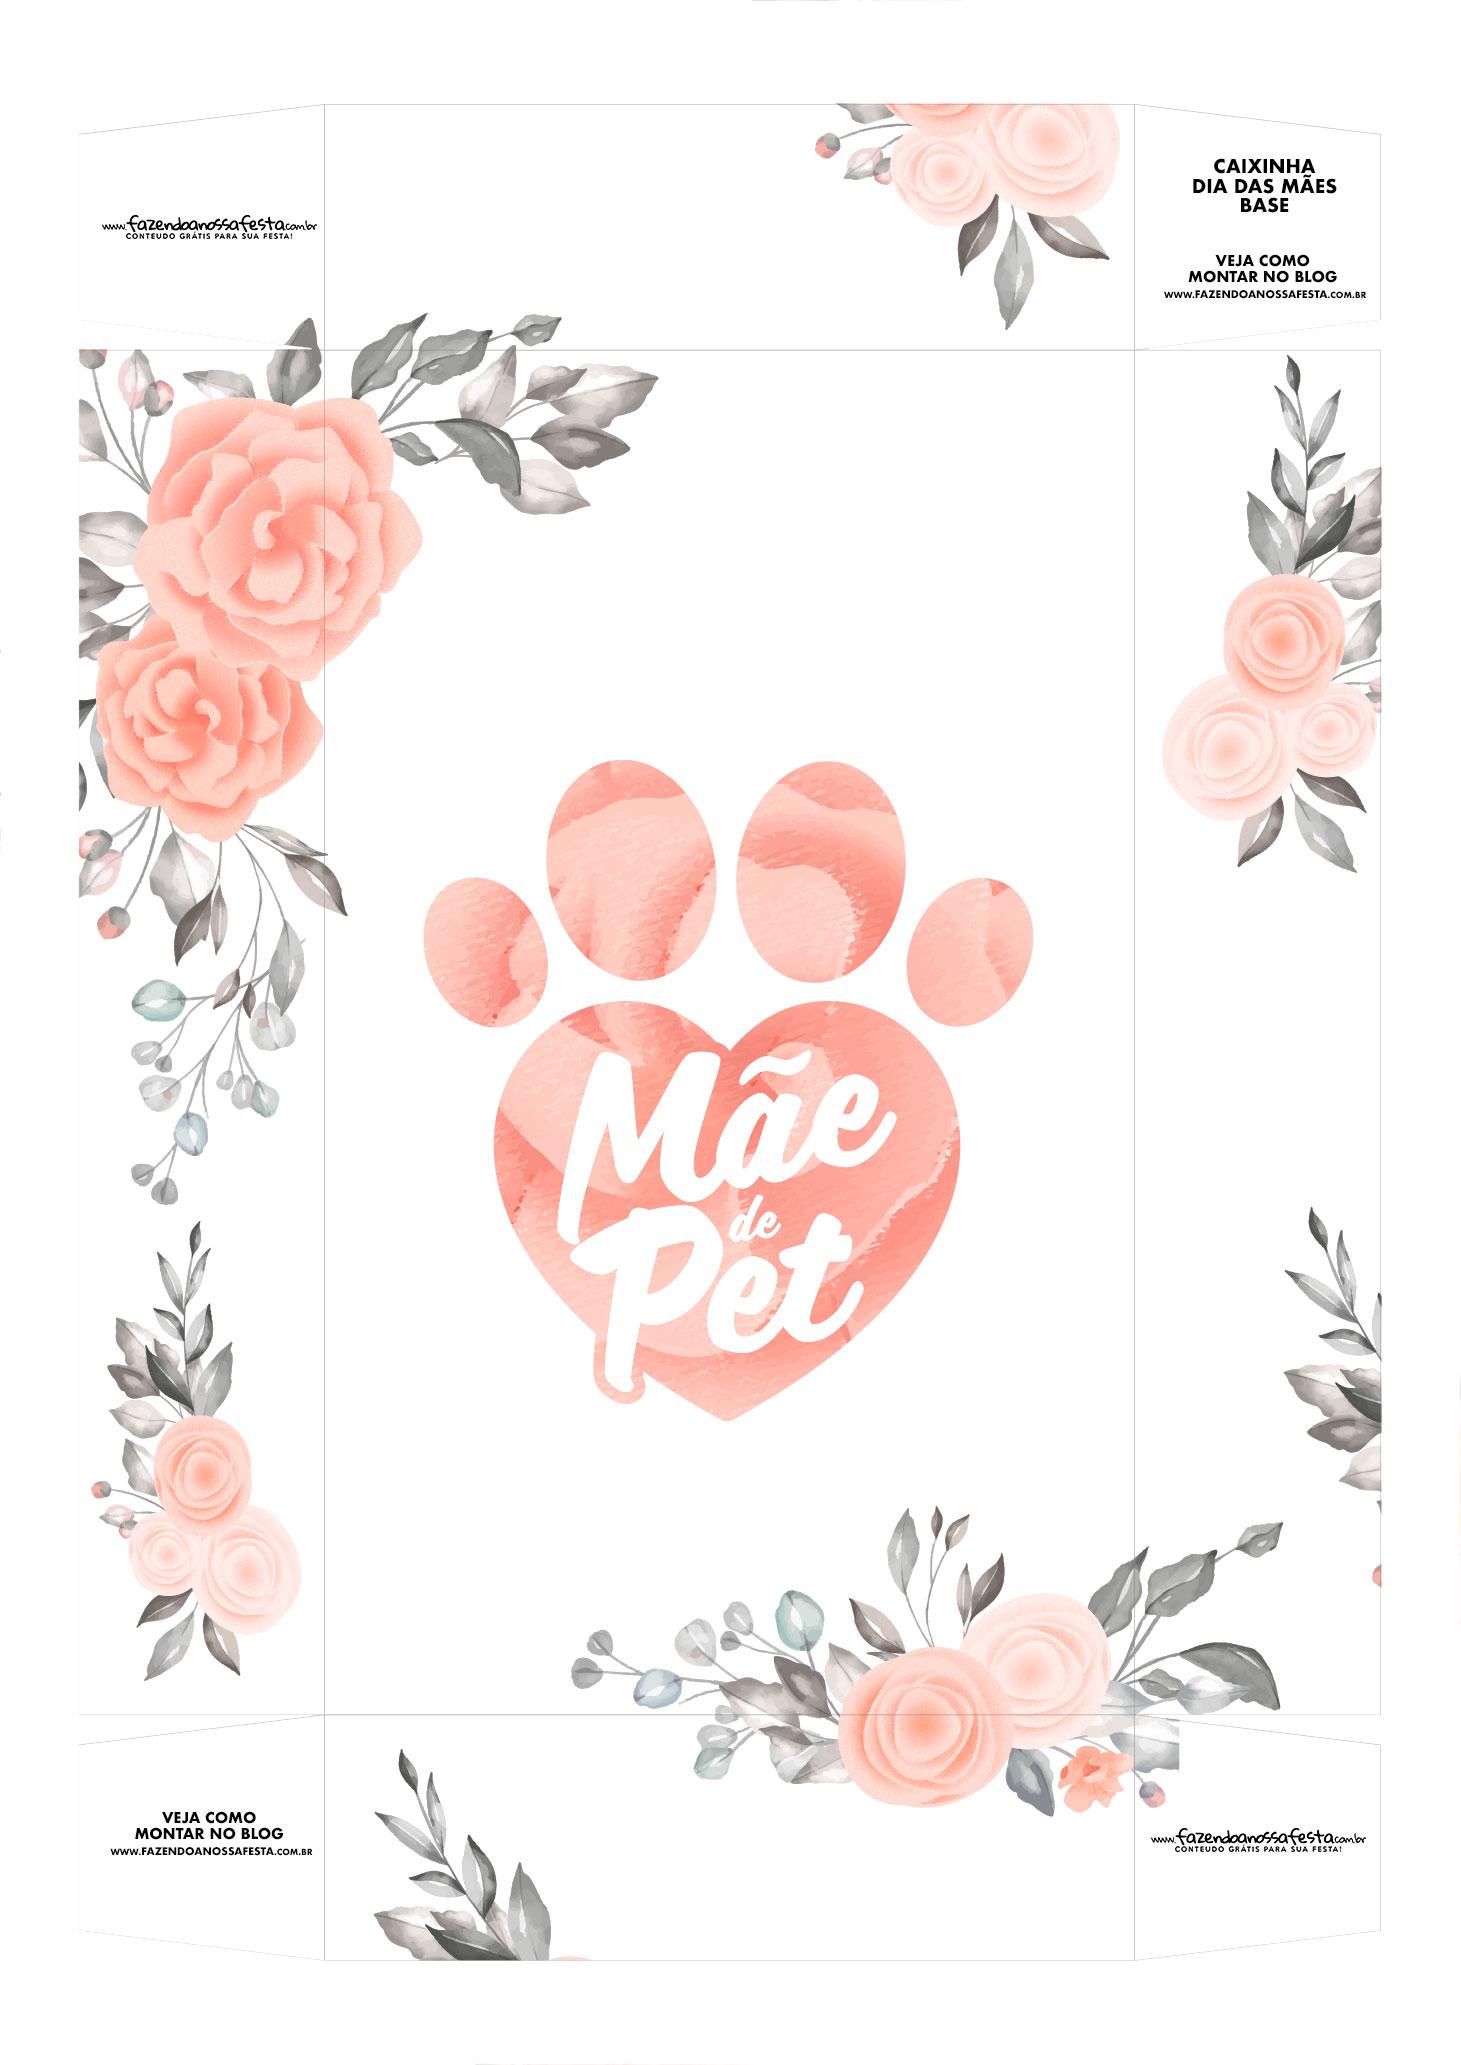 Caixinha Dia das Maes de Cat Floral Base